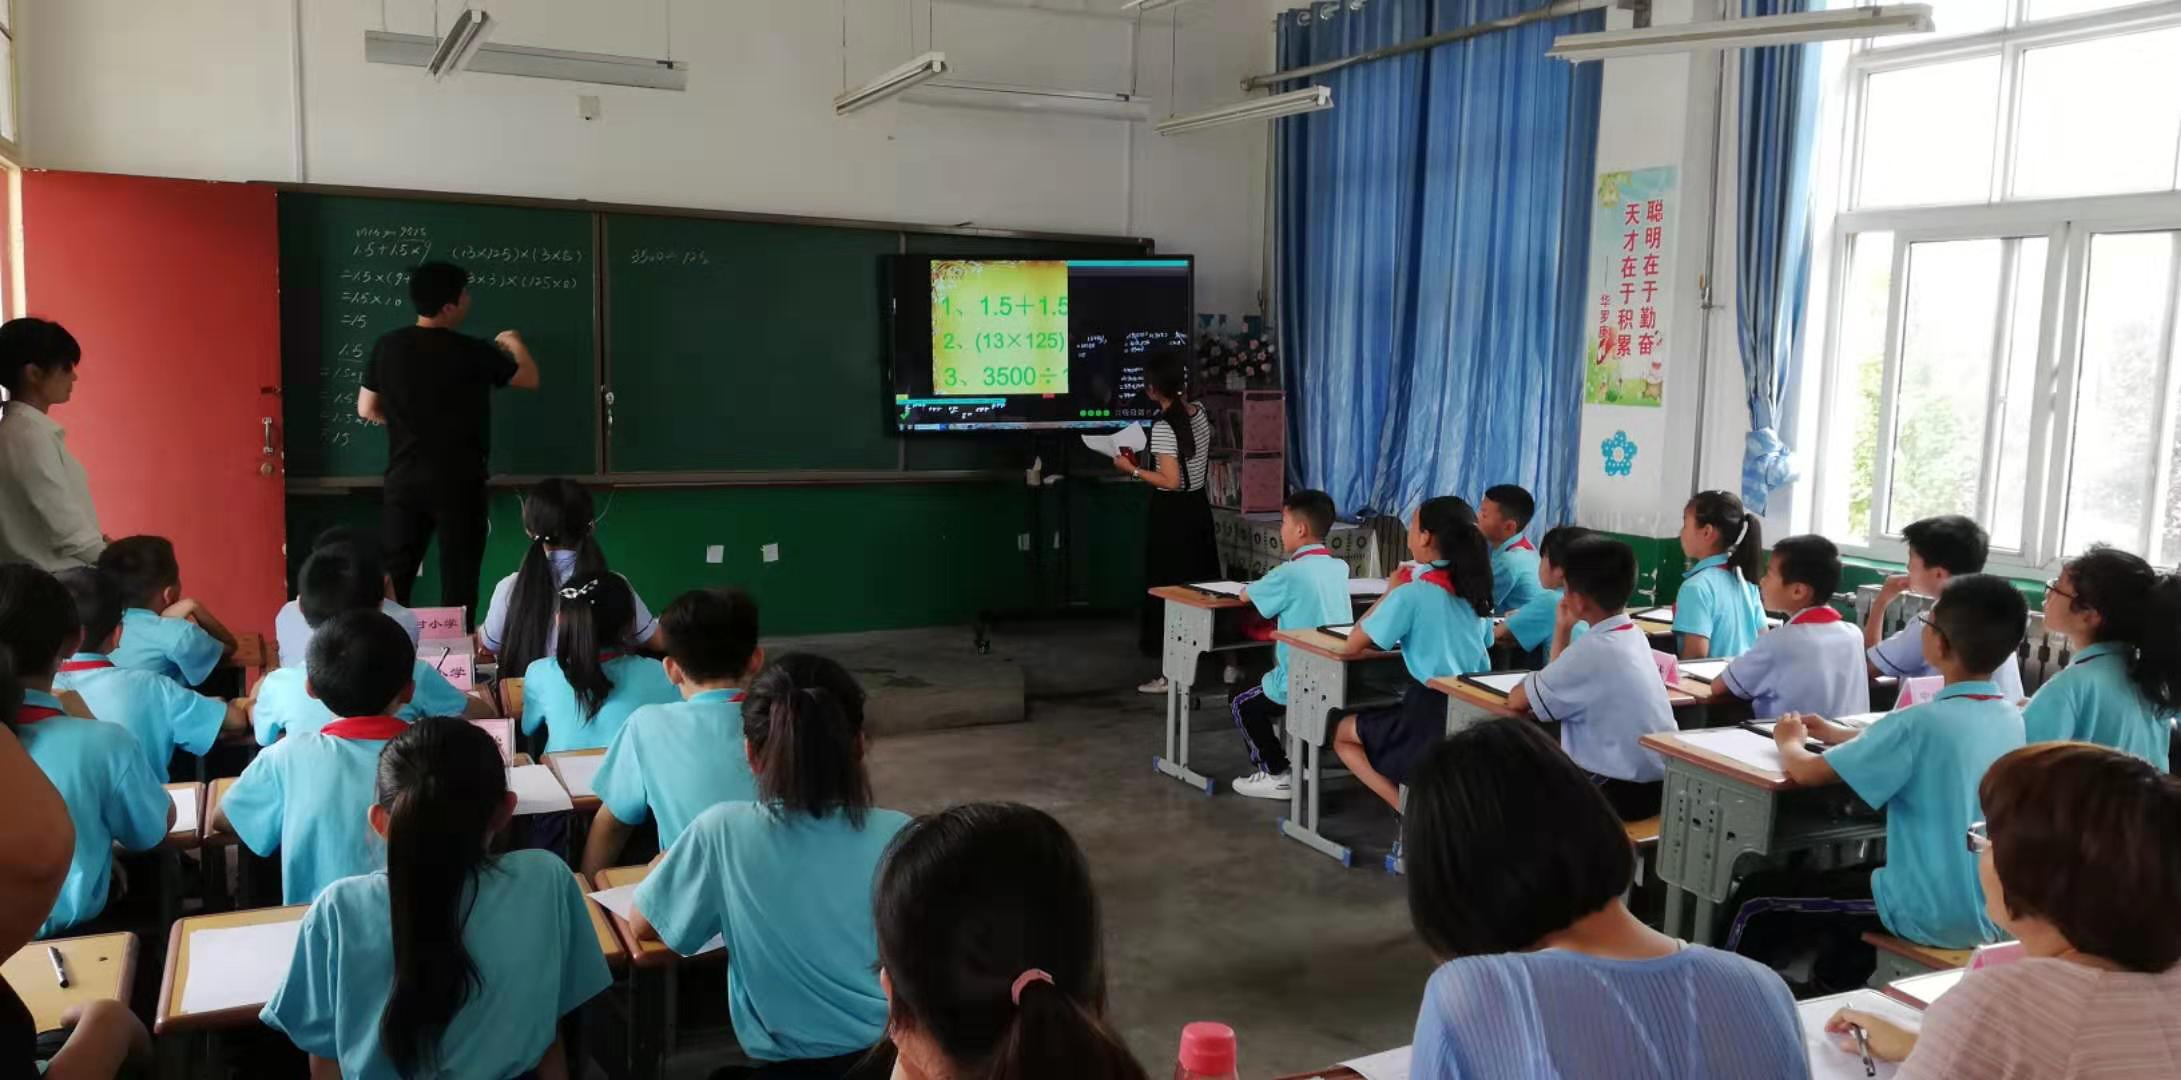 空港新城太平中心小学正式部署勤学云纸笔智慧课堂